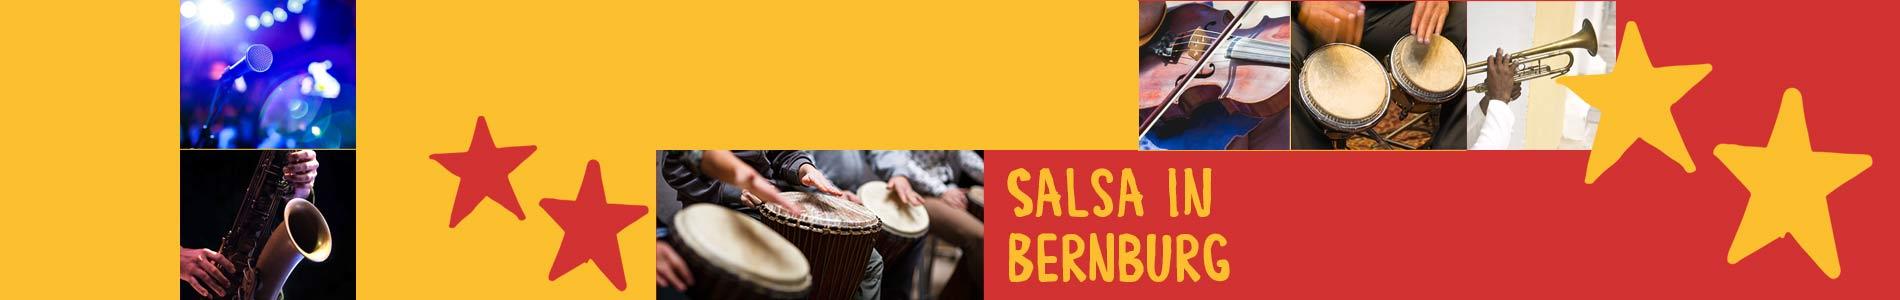 Salsa in Bernburg – Salsa lernen und tanzen, Tanzkurse, Partys, Veranstaltungen